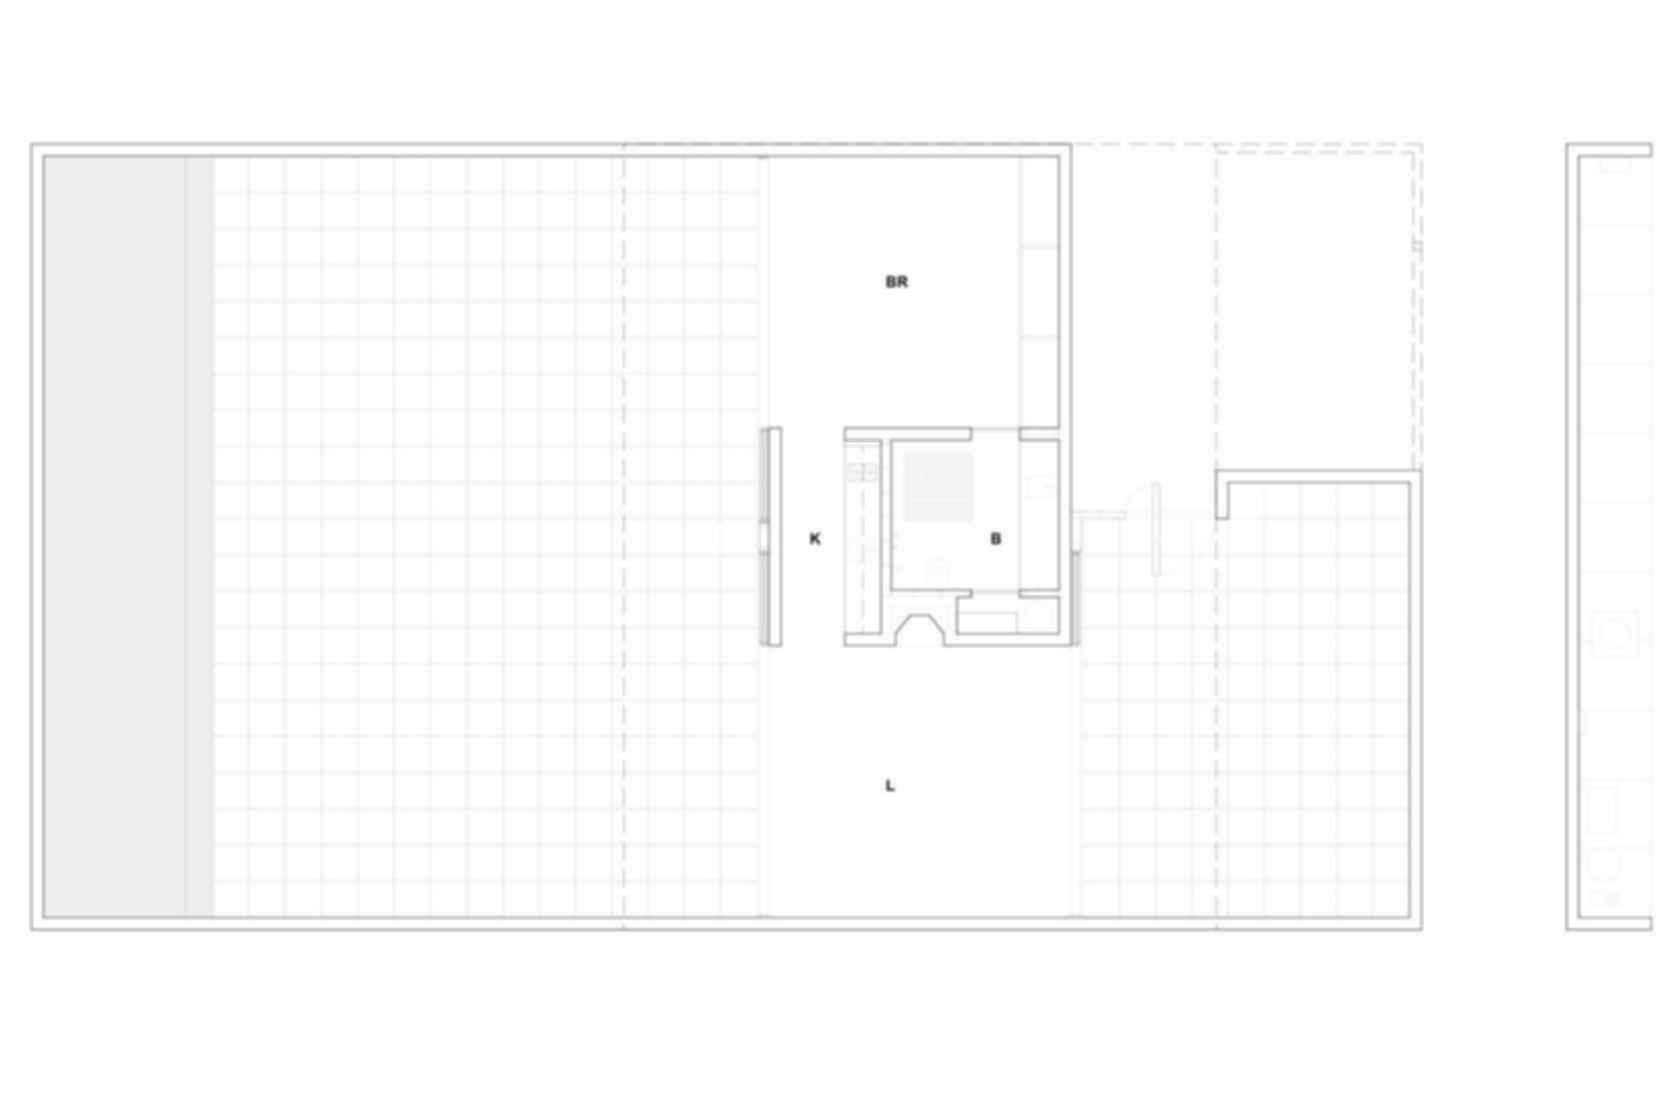 Desert House - floor plan